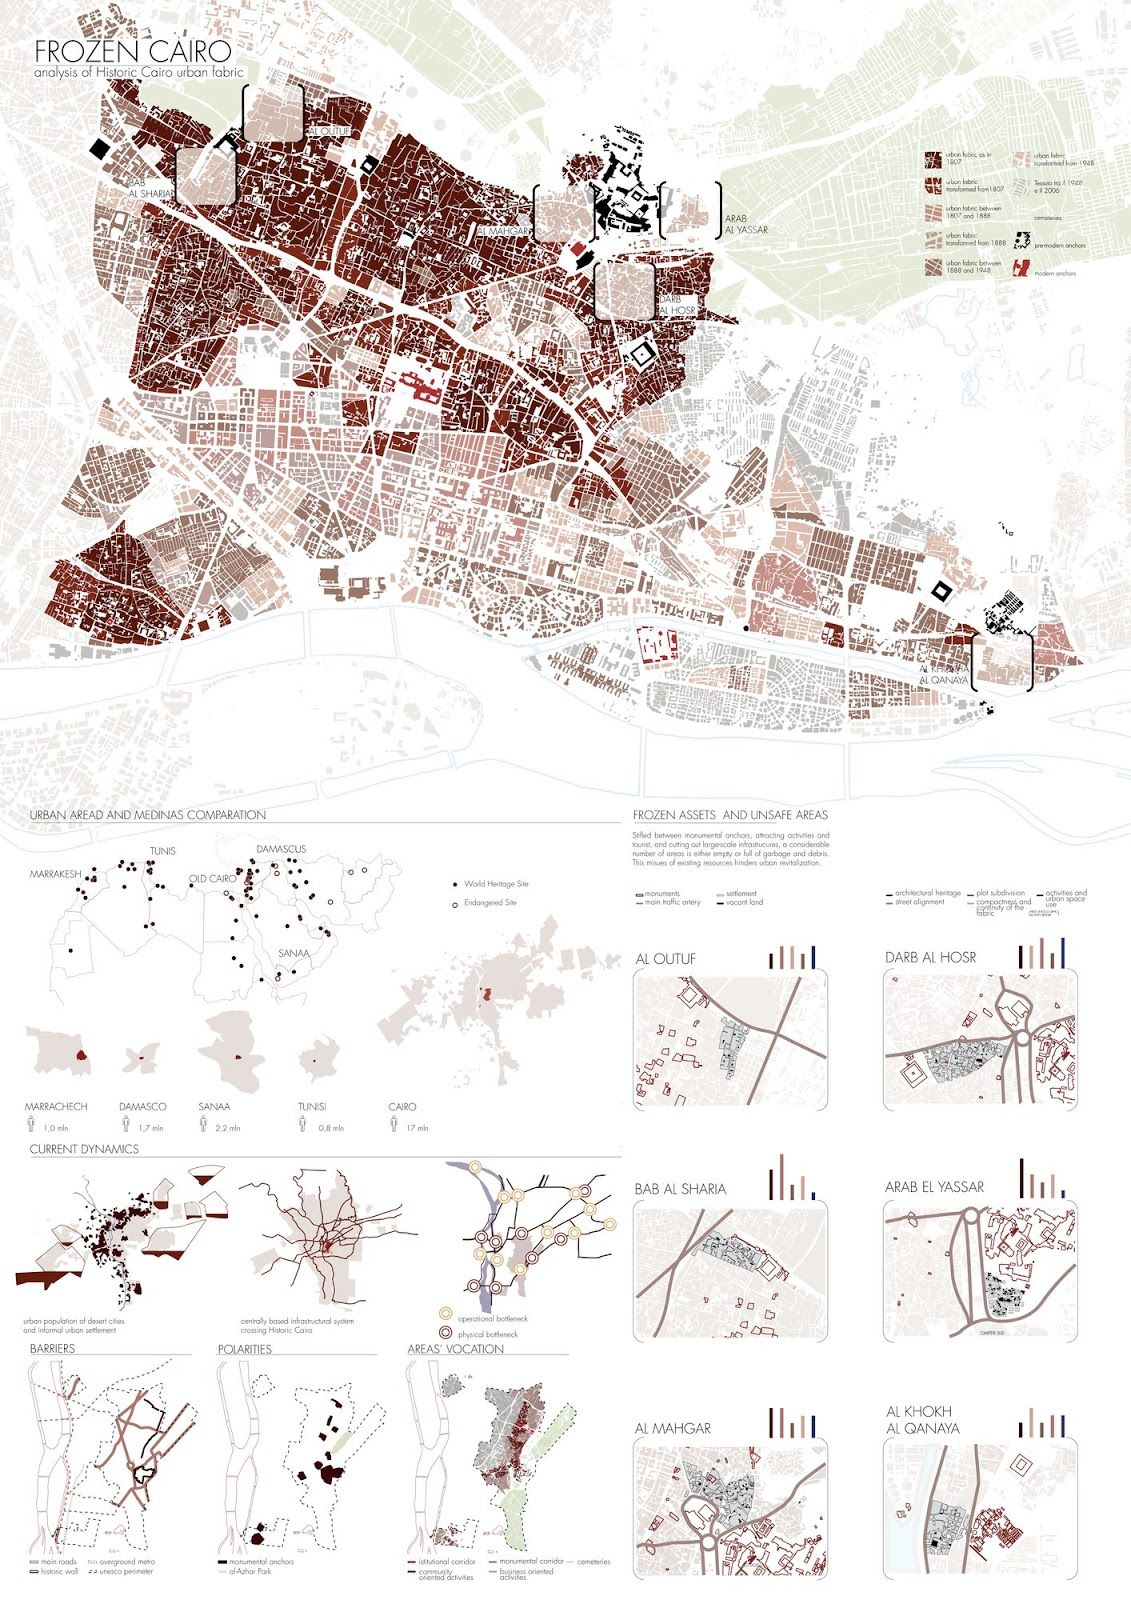 Maldina Tonnarelli With Images Urban Design Plan Urban